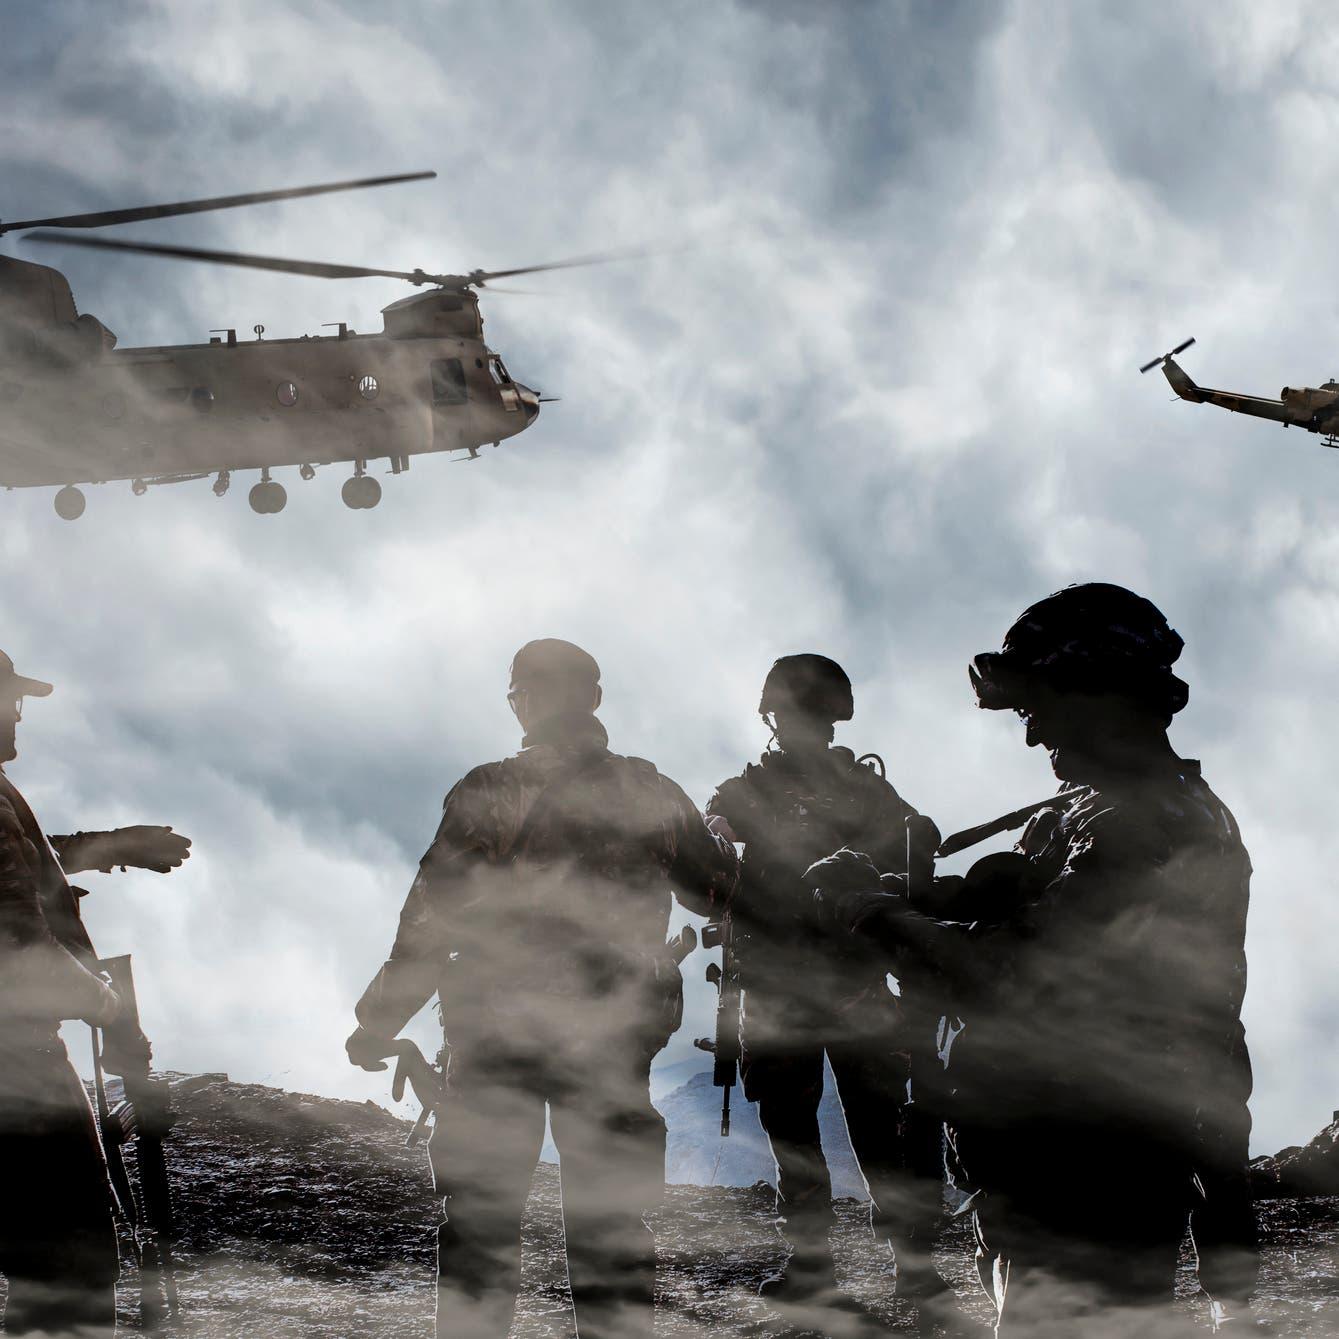 خفض قوات أميركا بأفغانستان.. ألمانيا قلقة وطالبان ترحب